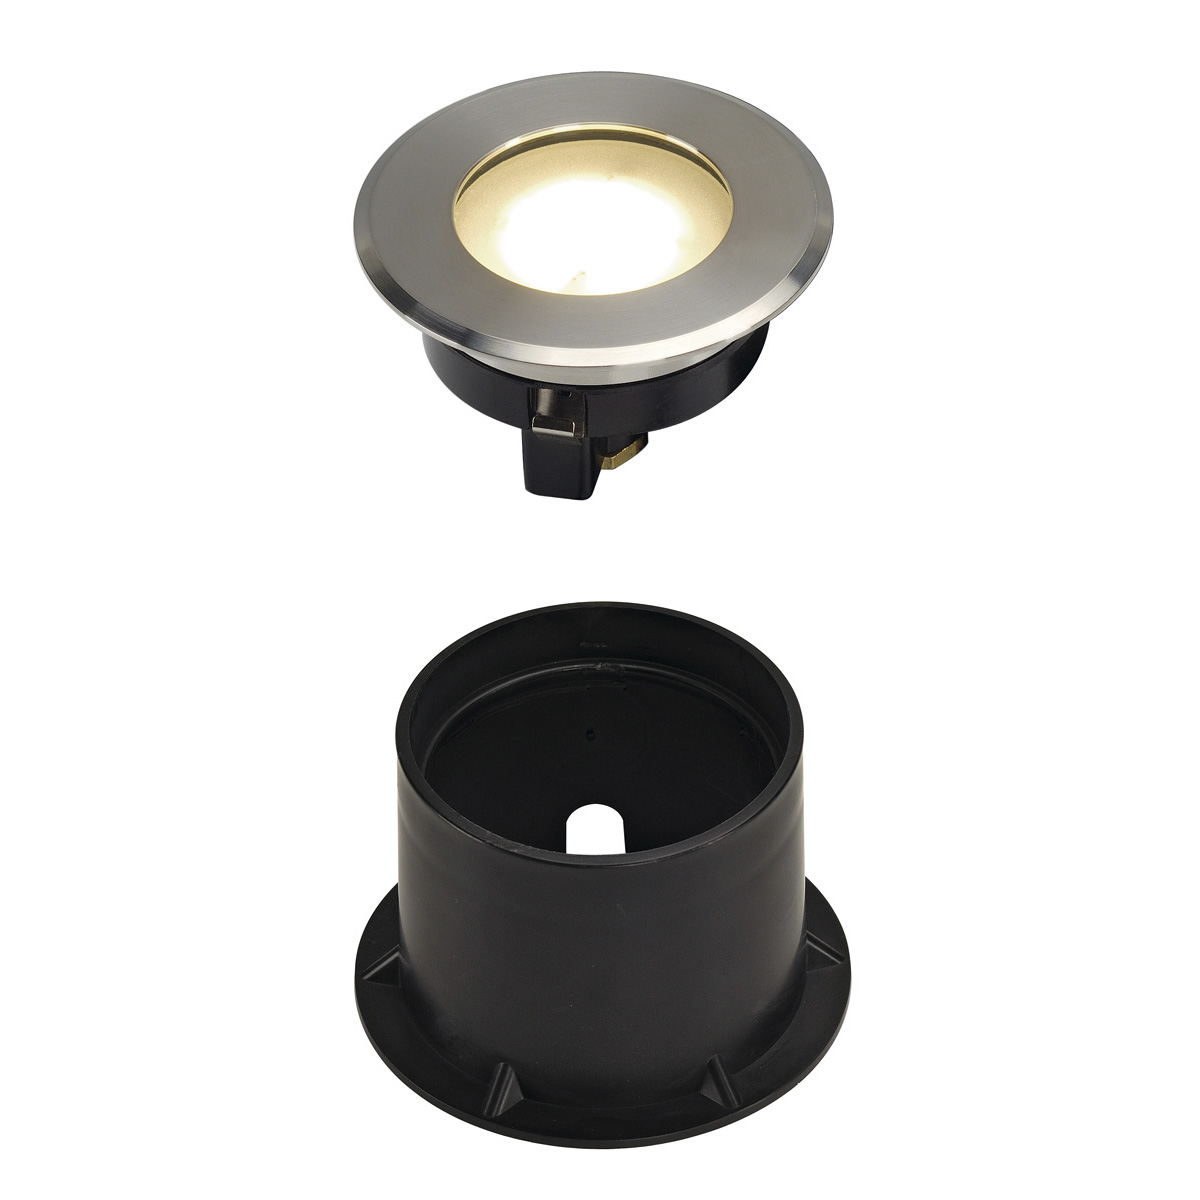 DASAR FLAT LED 230V Bodenein- baustrahler, rund, 4,3W LED, warmweiss, Edelstahlblende